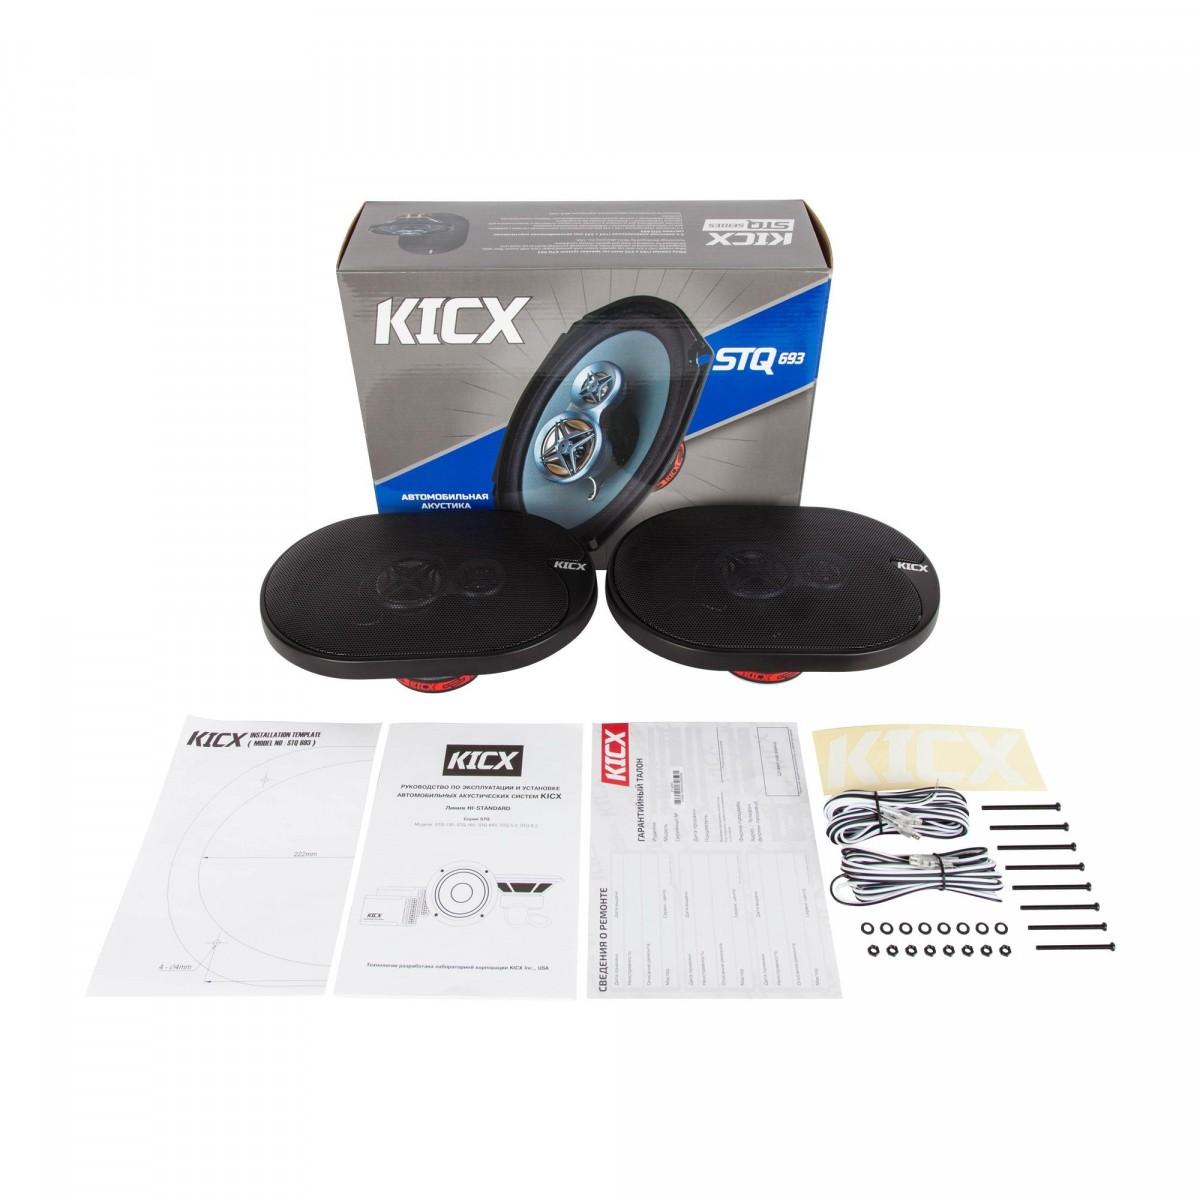 Коаксиальные динамики Kicx STQ 693